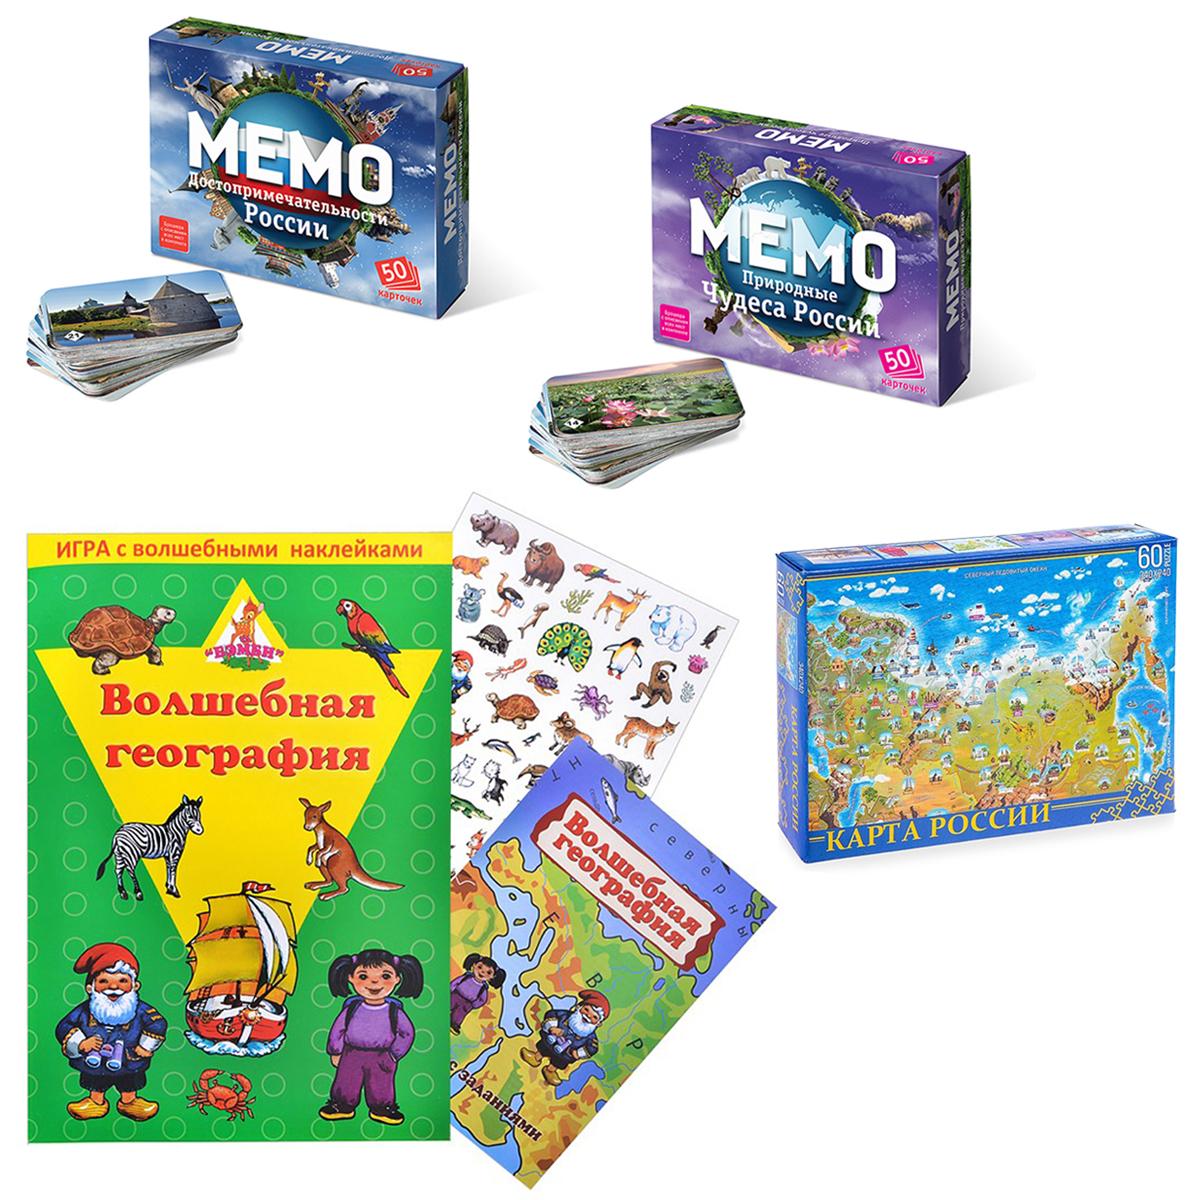 Купить Memo, Мемо Достопримечательности России, Природные чудеса России, Карта России, Волшебная география, Нескучные Игры,